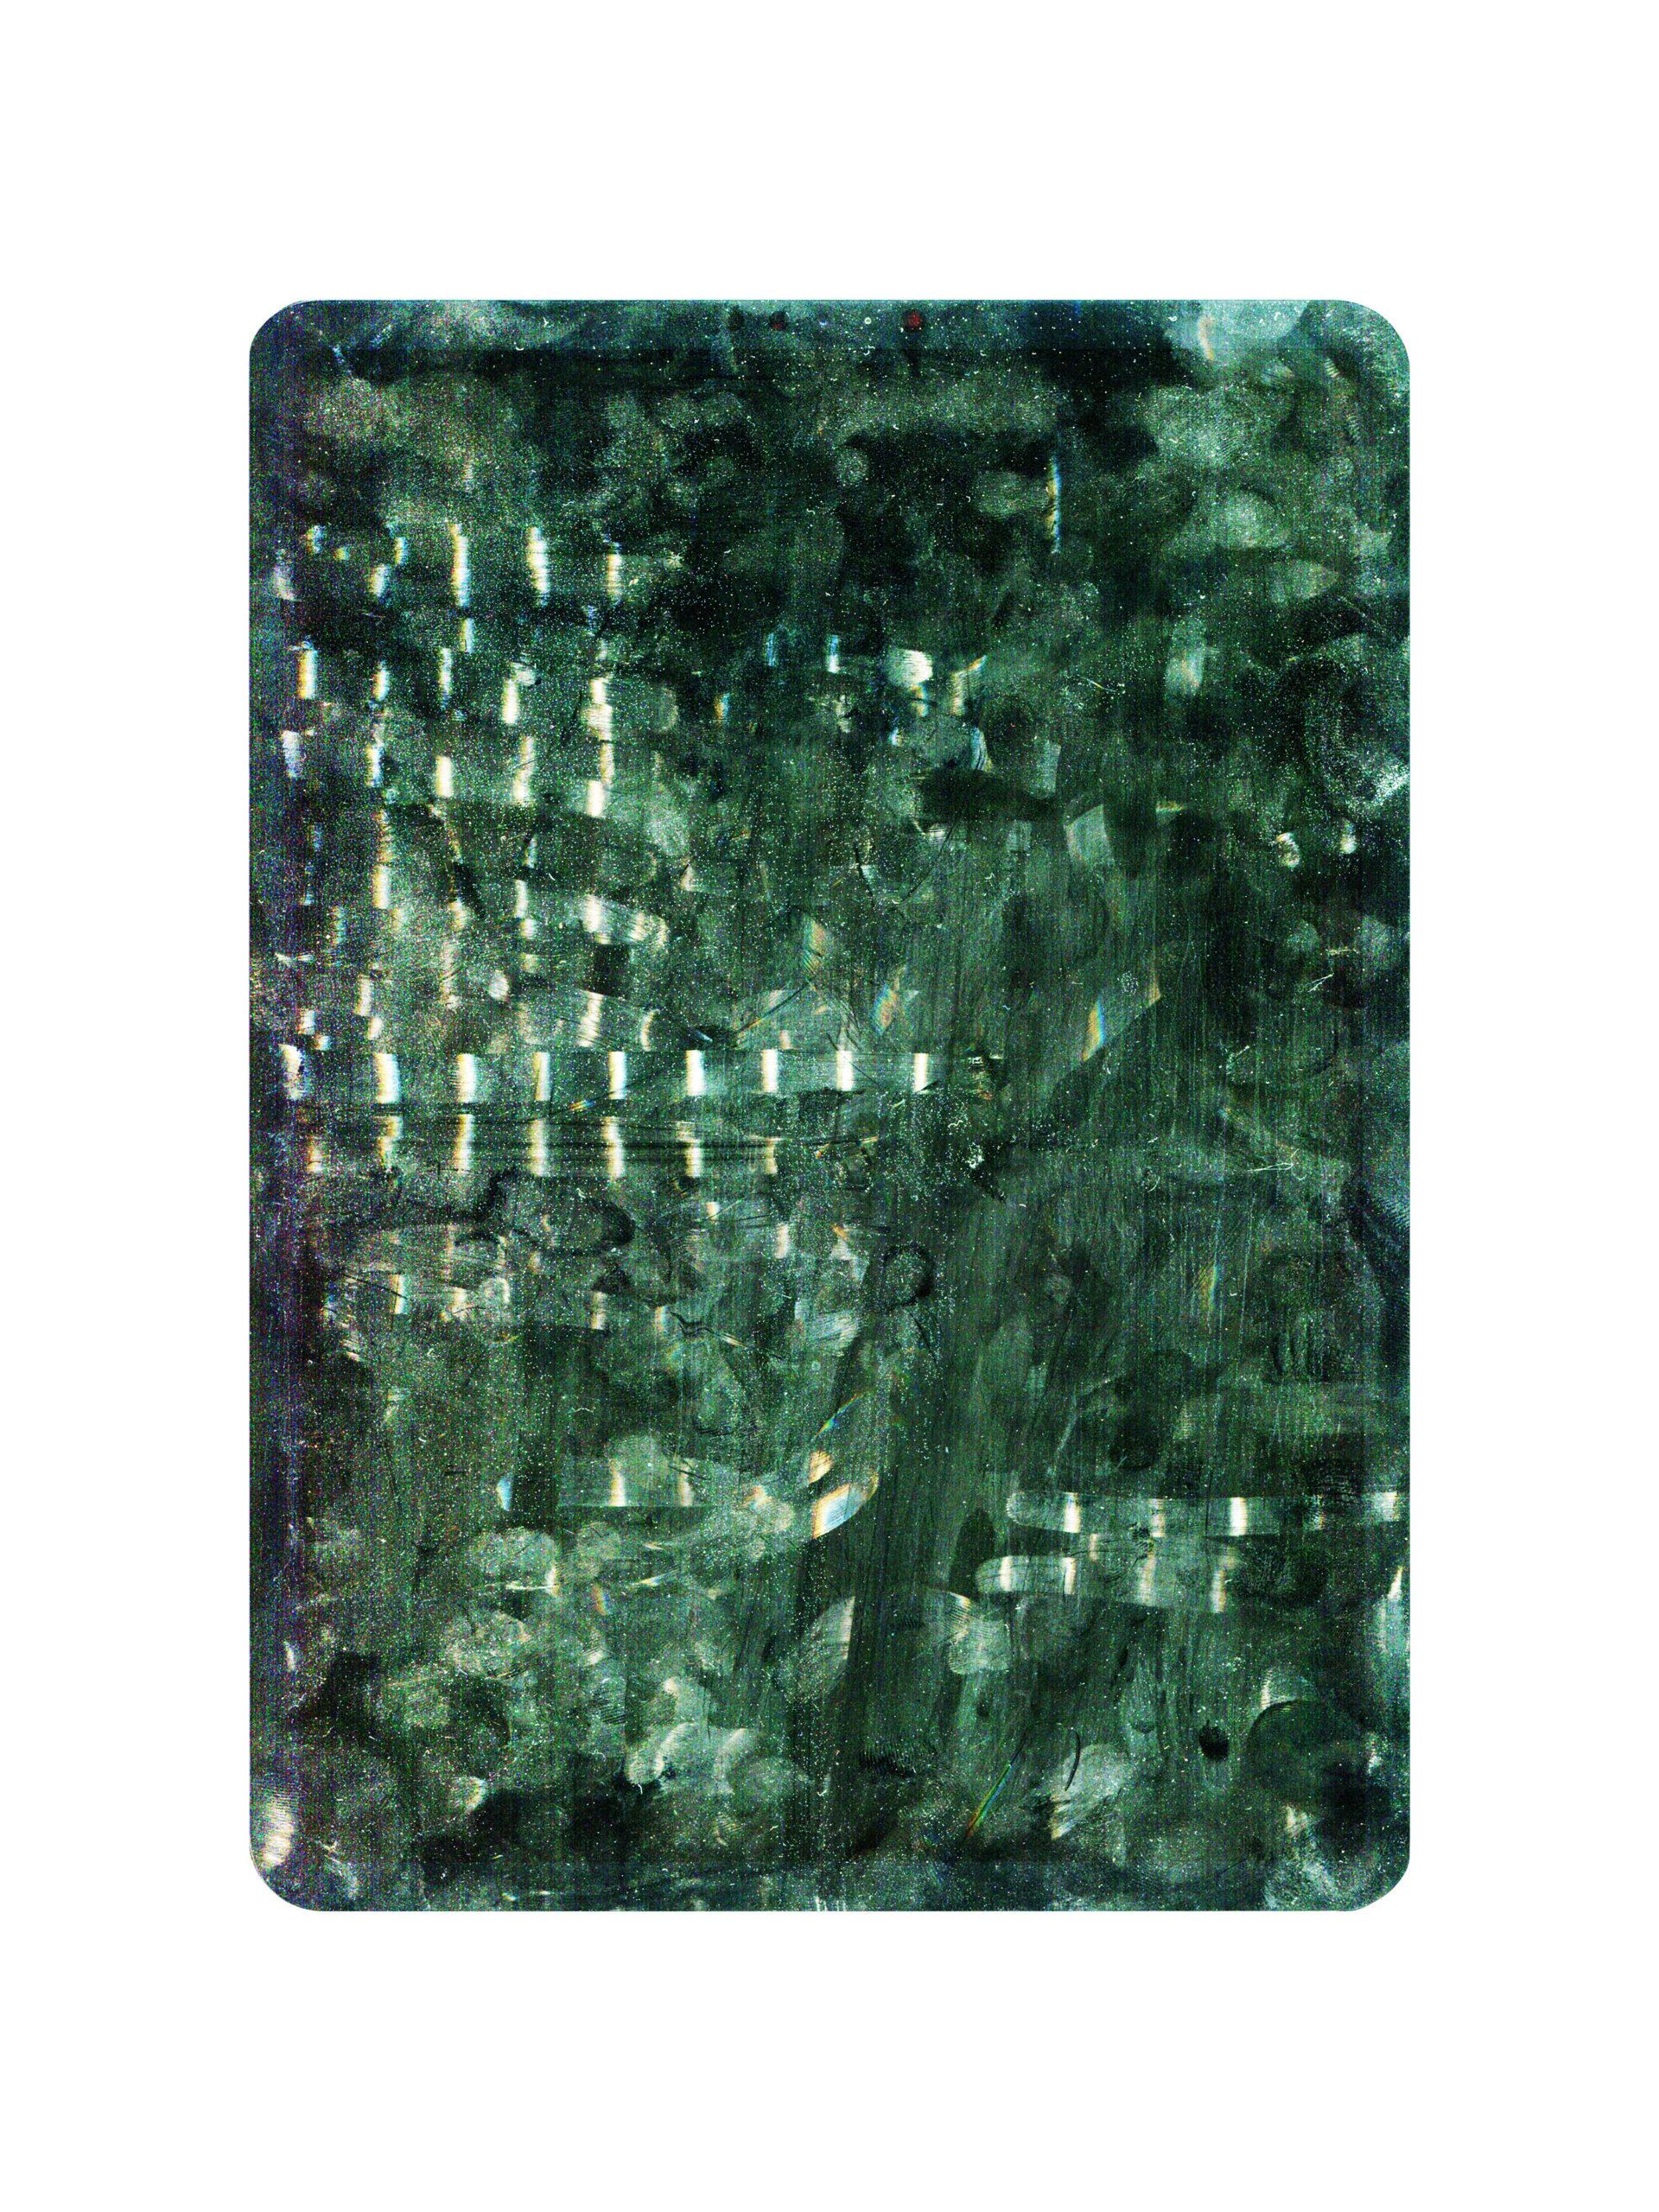 Tamiko Thiel, Touching, Traces: 2020-04-26, After Twenty Days, digitaler Kunstdruck, 30 x 40 cm auf Hahnemühle Baryta Papier, 2020